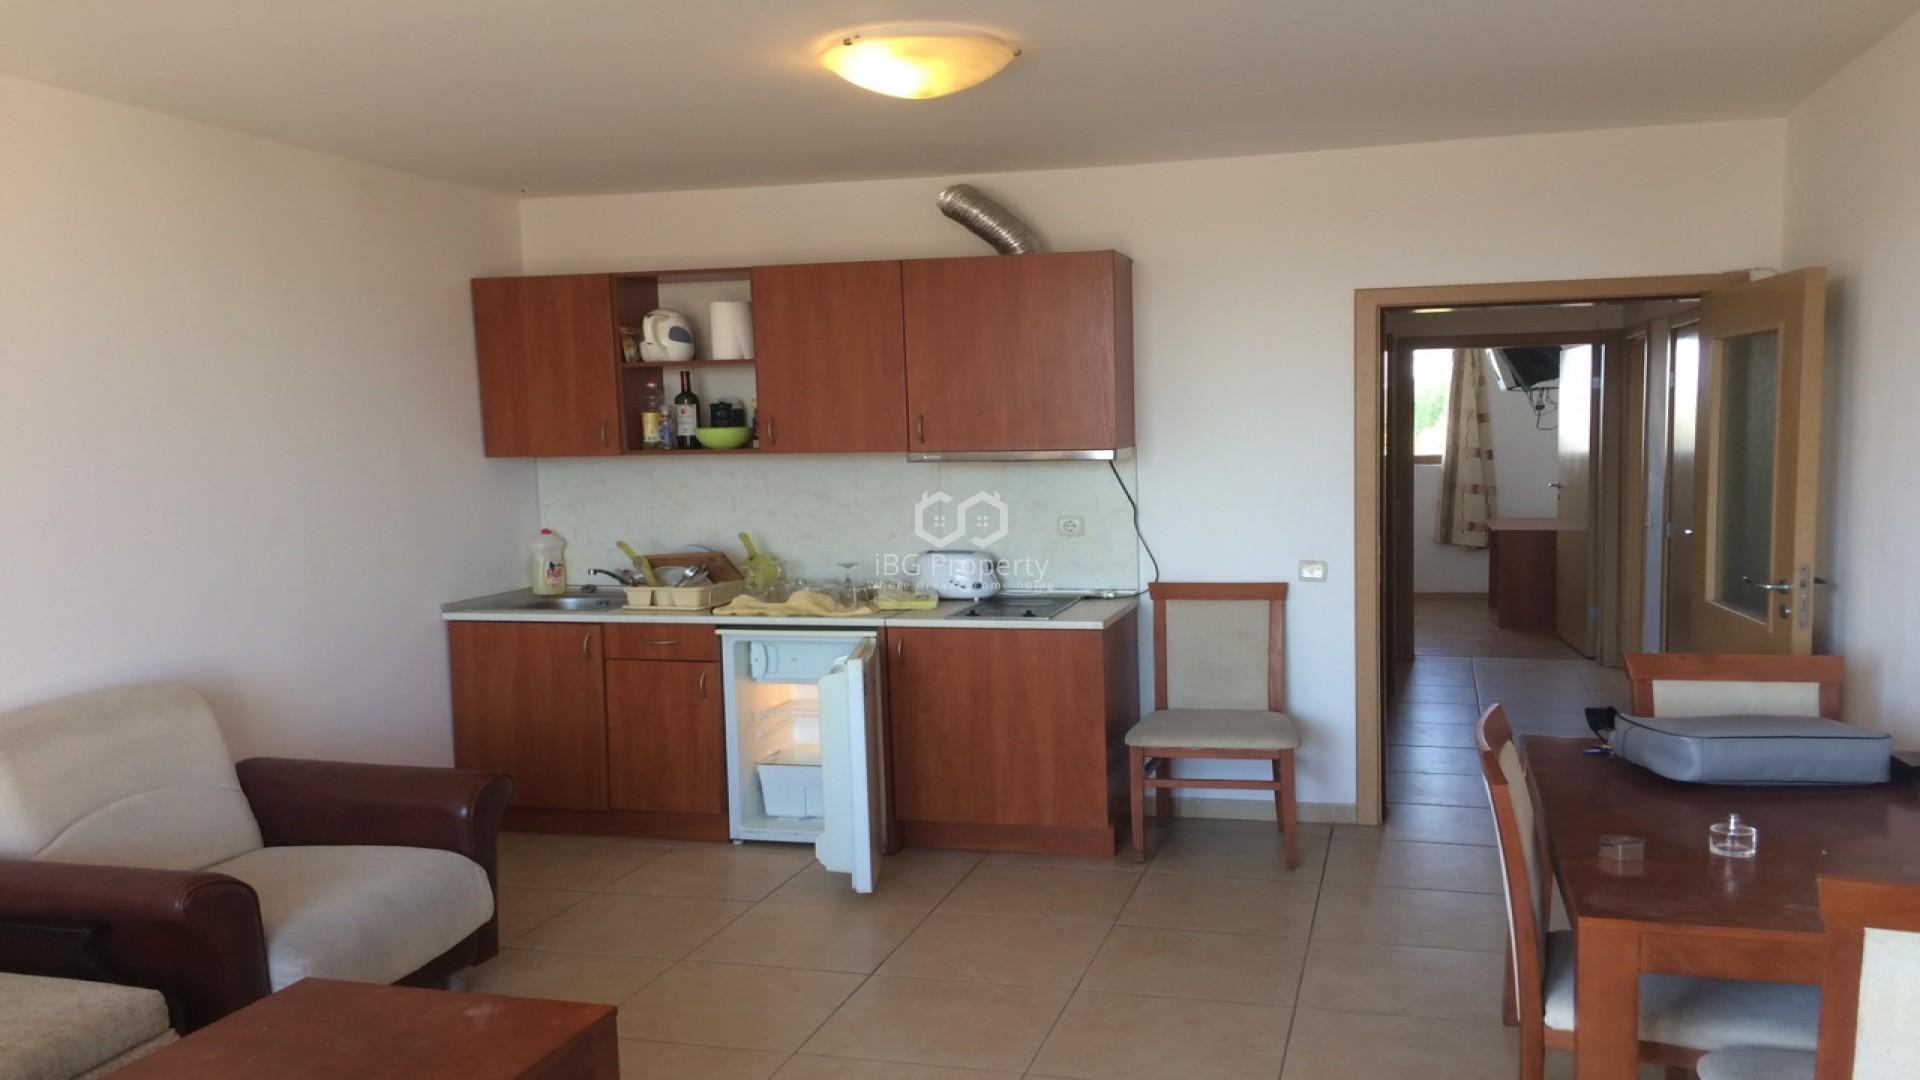 Dreizimmerwohnung in Sonnenstrand 110 m2